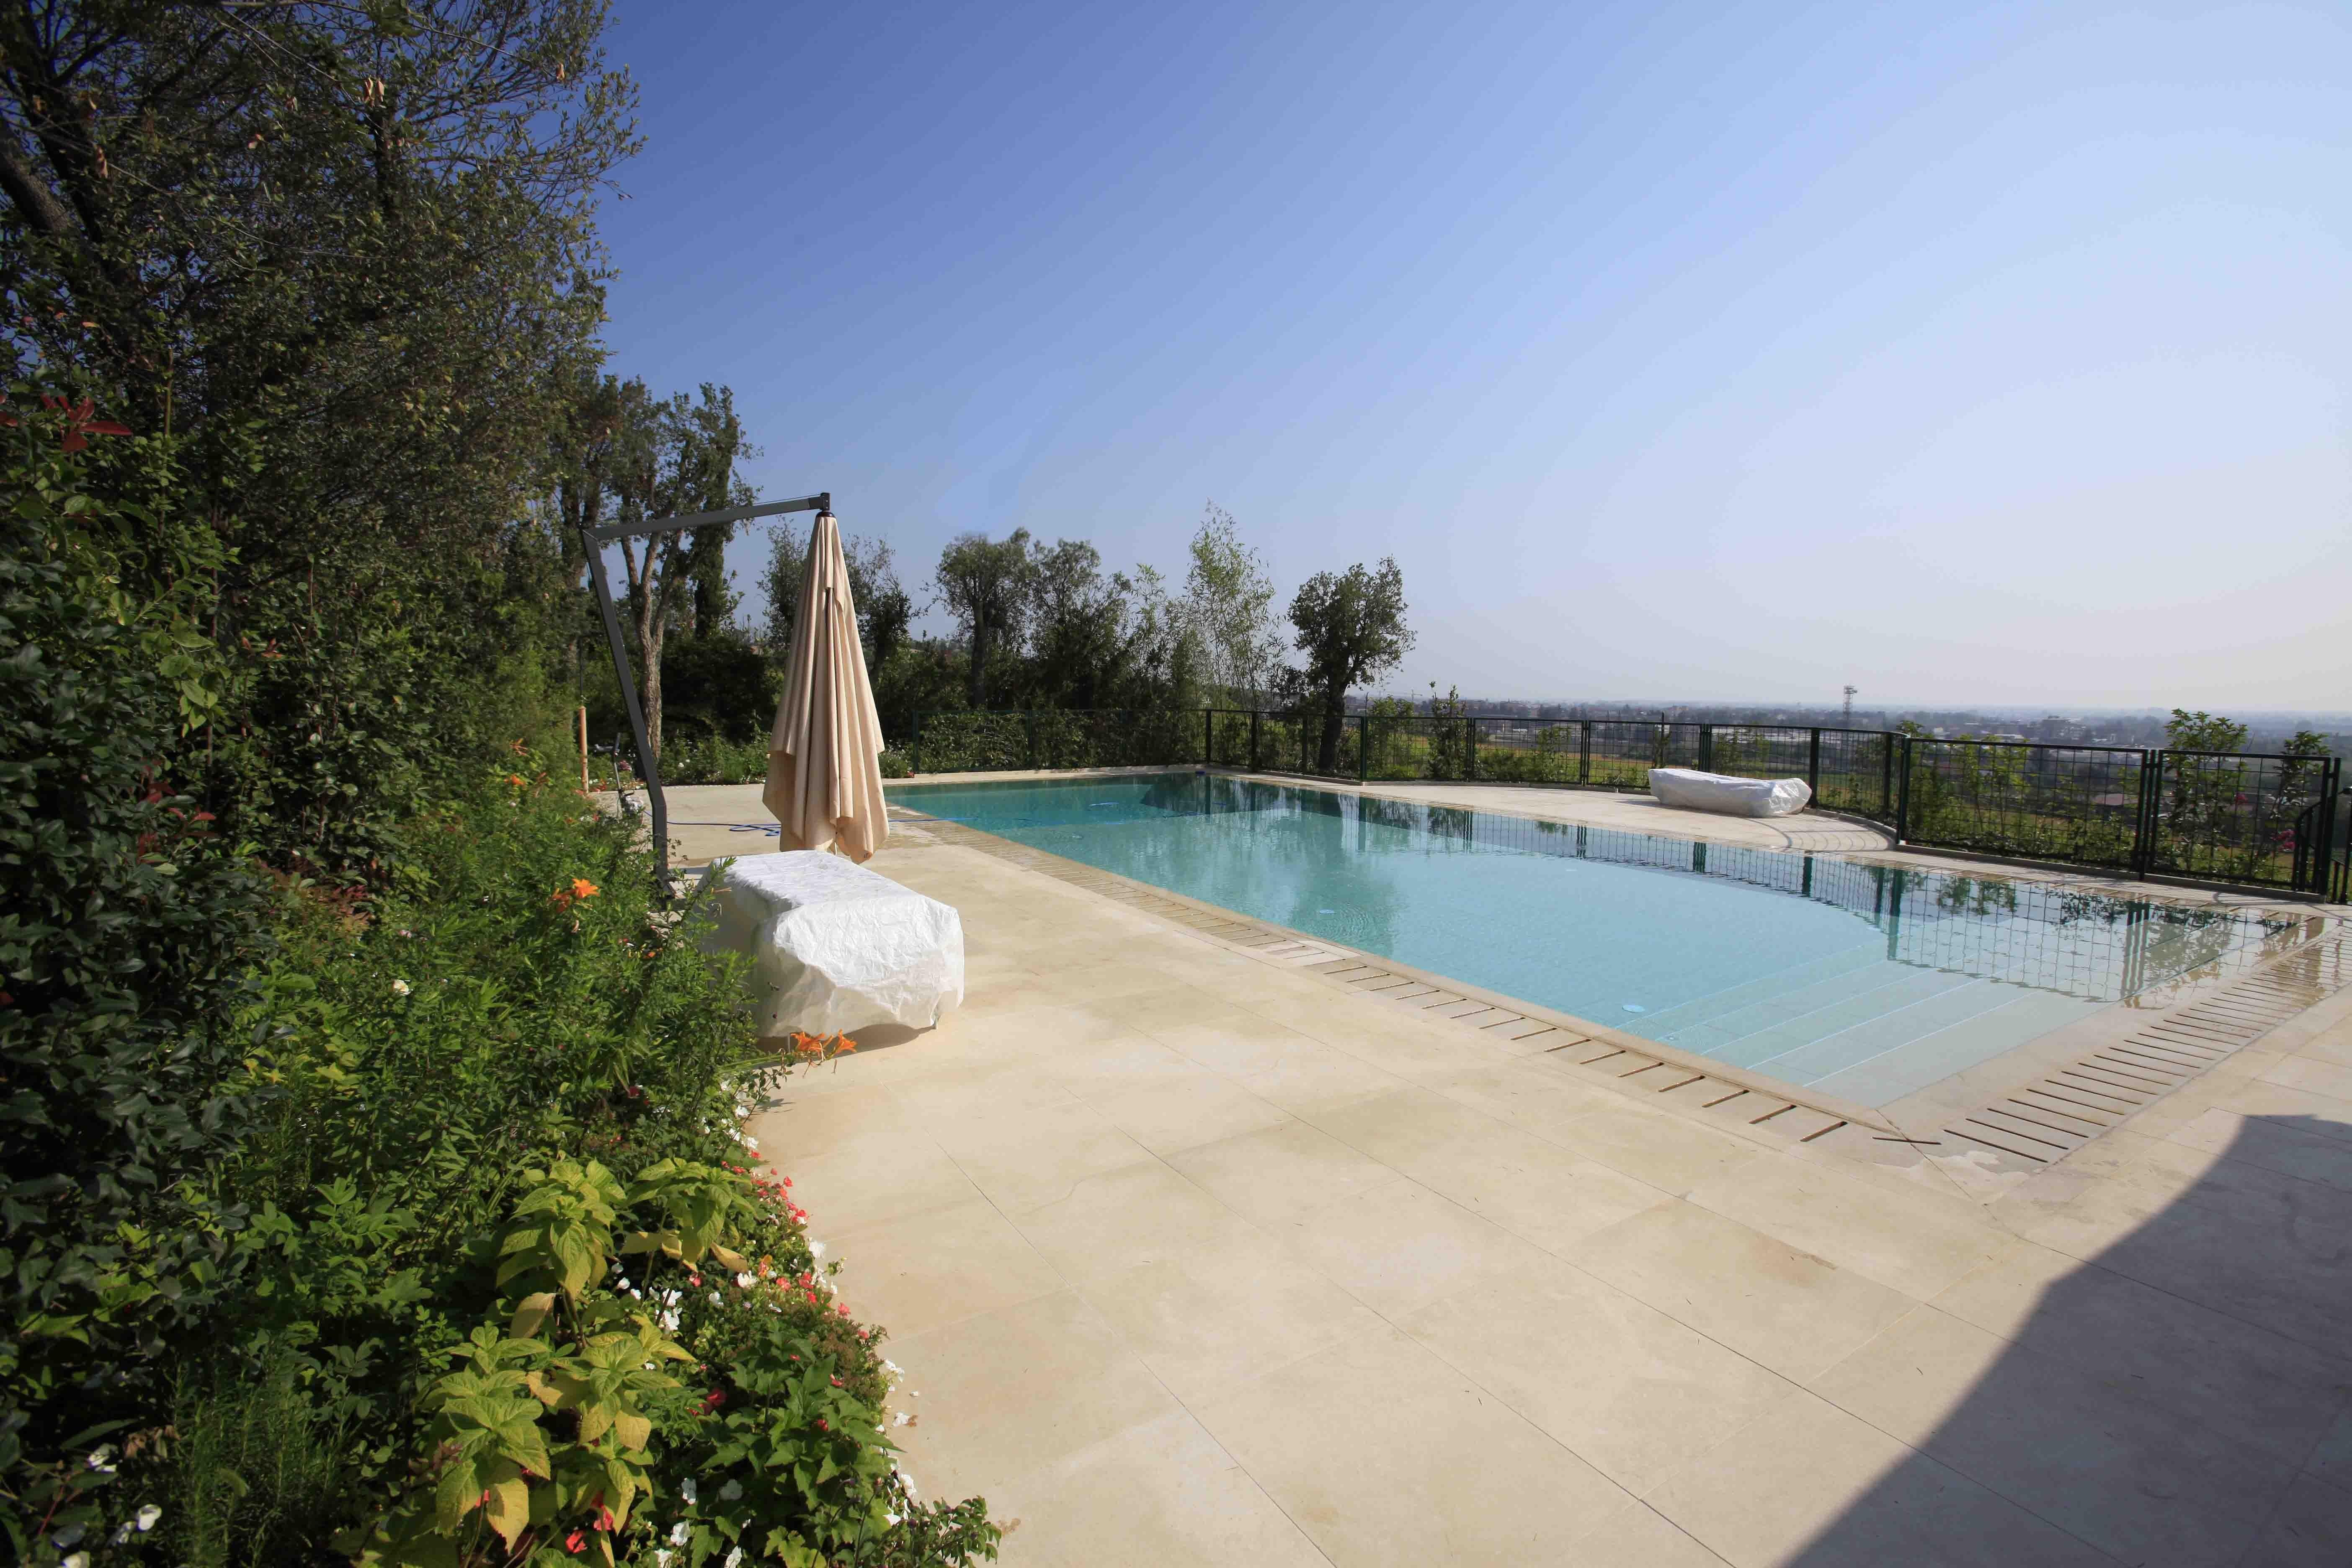 Four dimensions pool - استخر های شنا